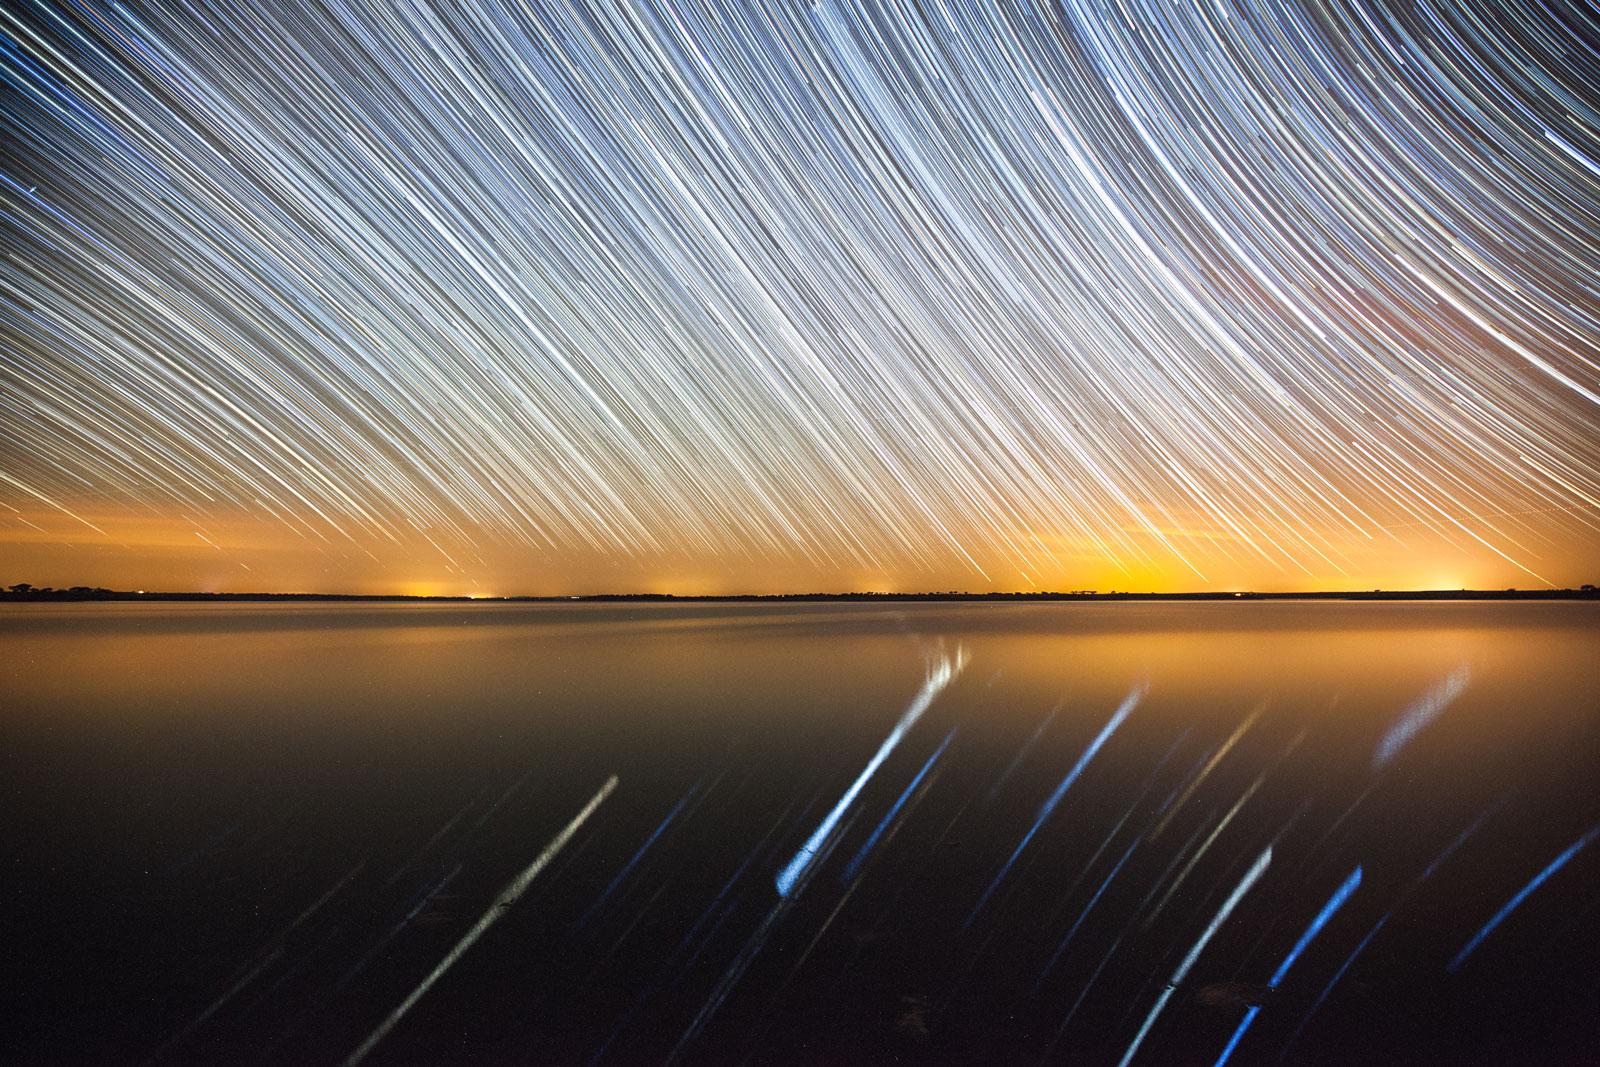 StarStaX_LRT_00001-LRT_00231_lighten.jpg